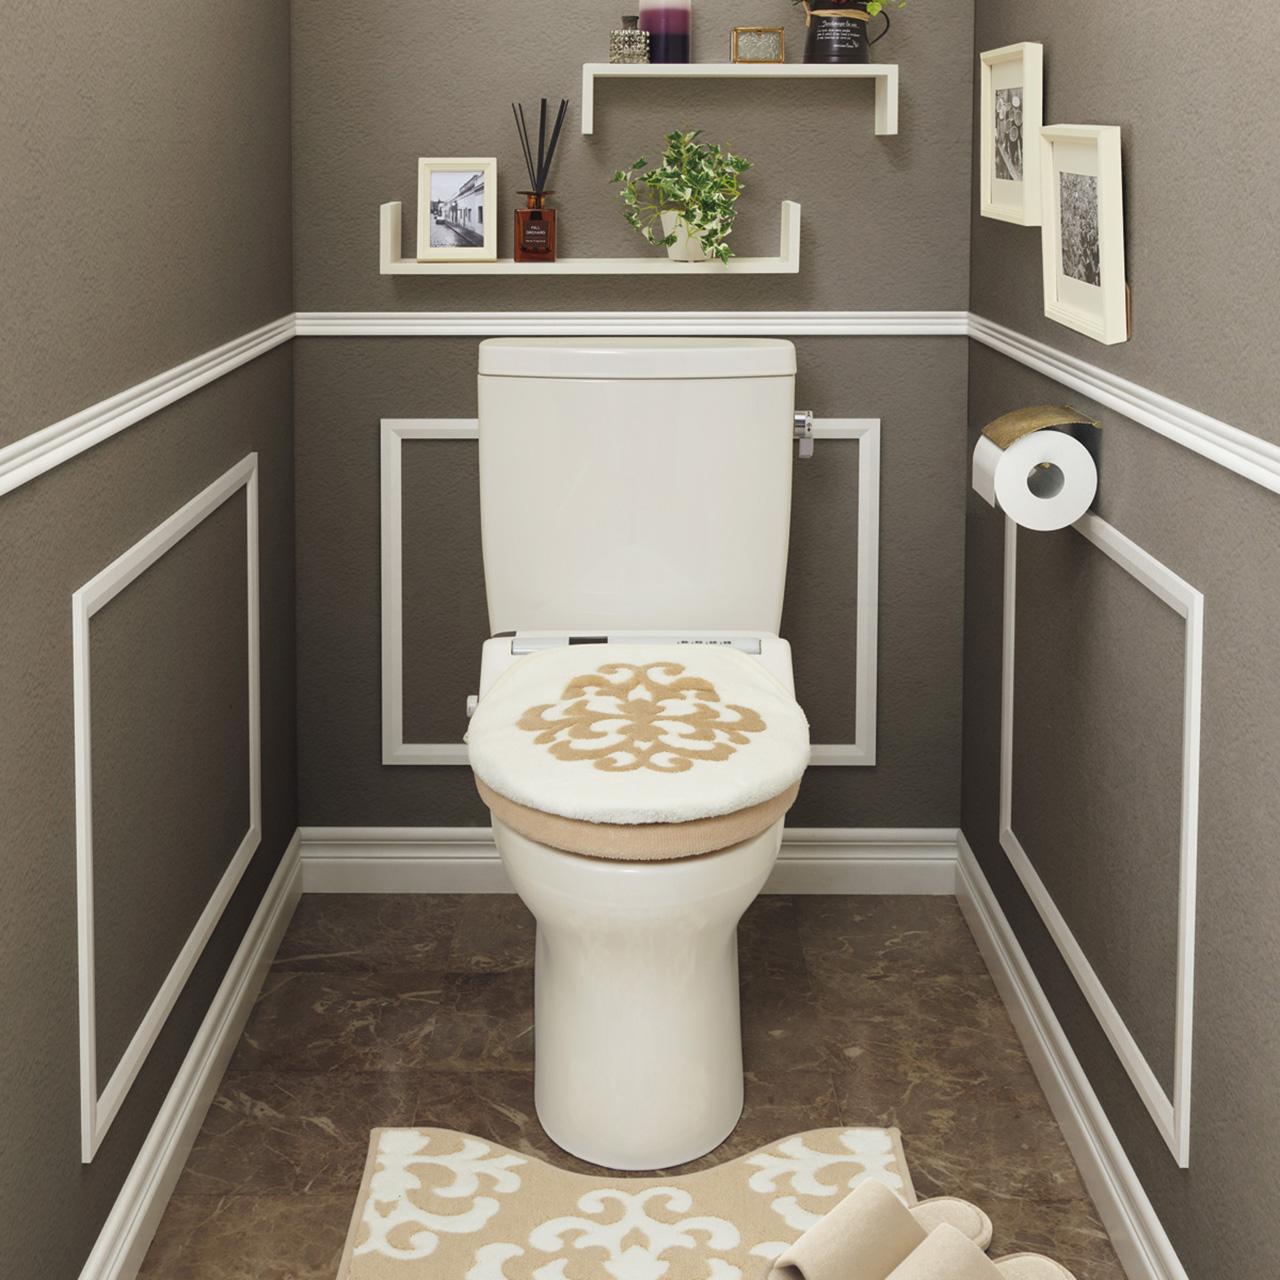 【無料モニター】ニトリのアイテムでトイレ空間のコーディネートを楽しんでくれるユーザーさん大募集!